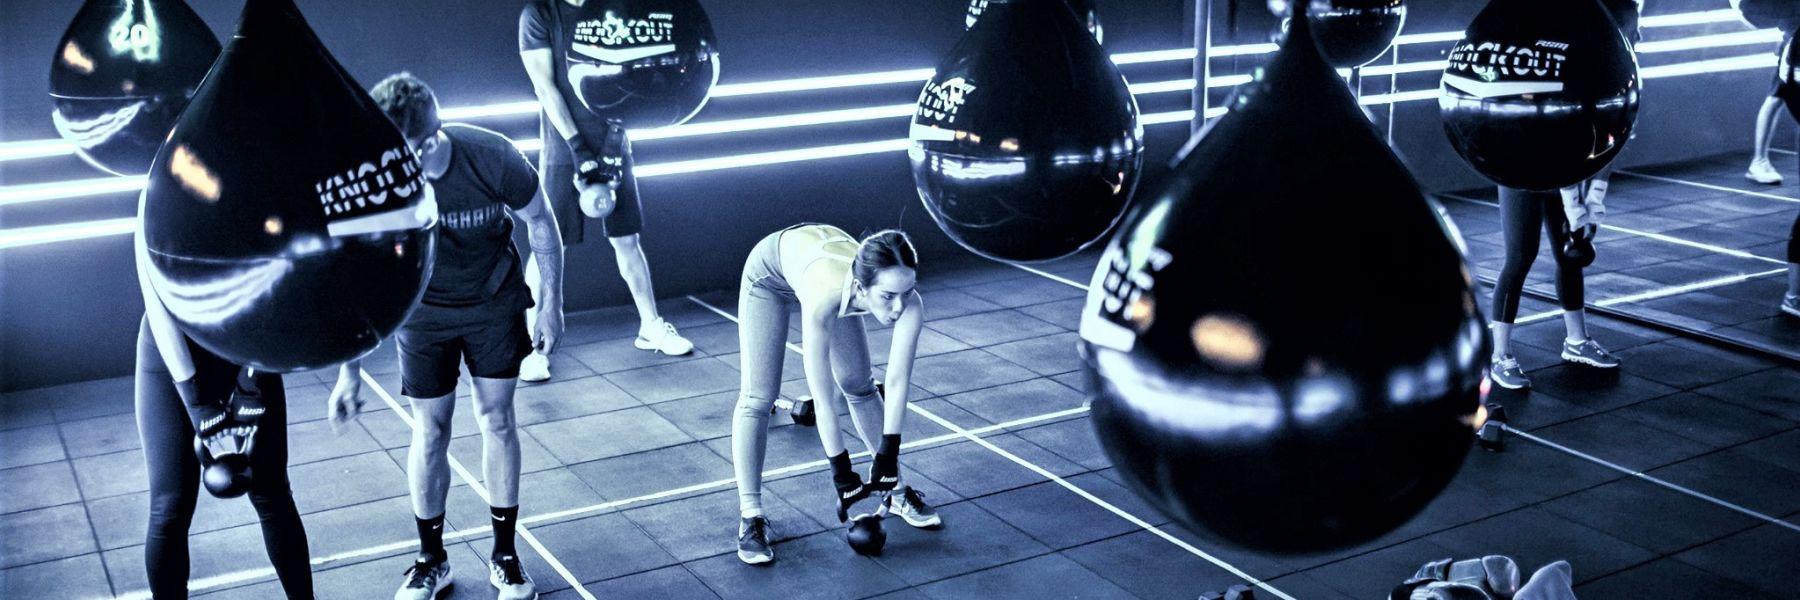 Knockout BKK image